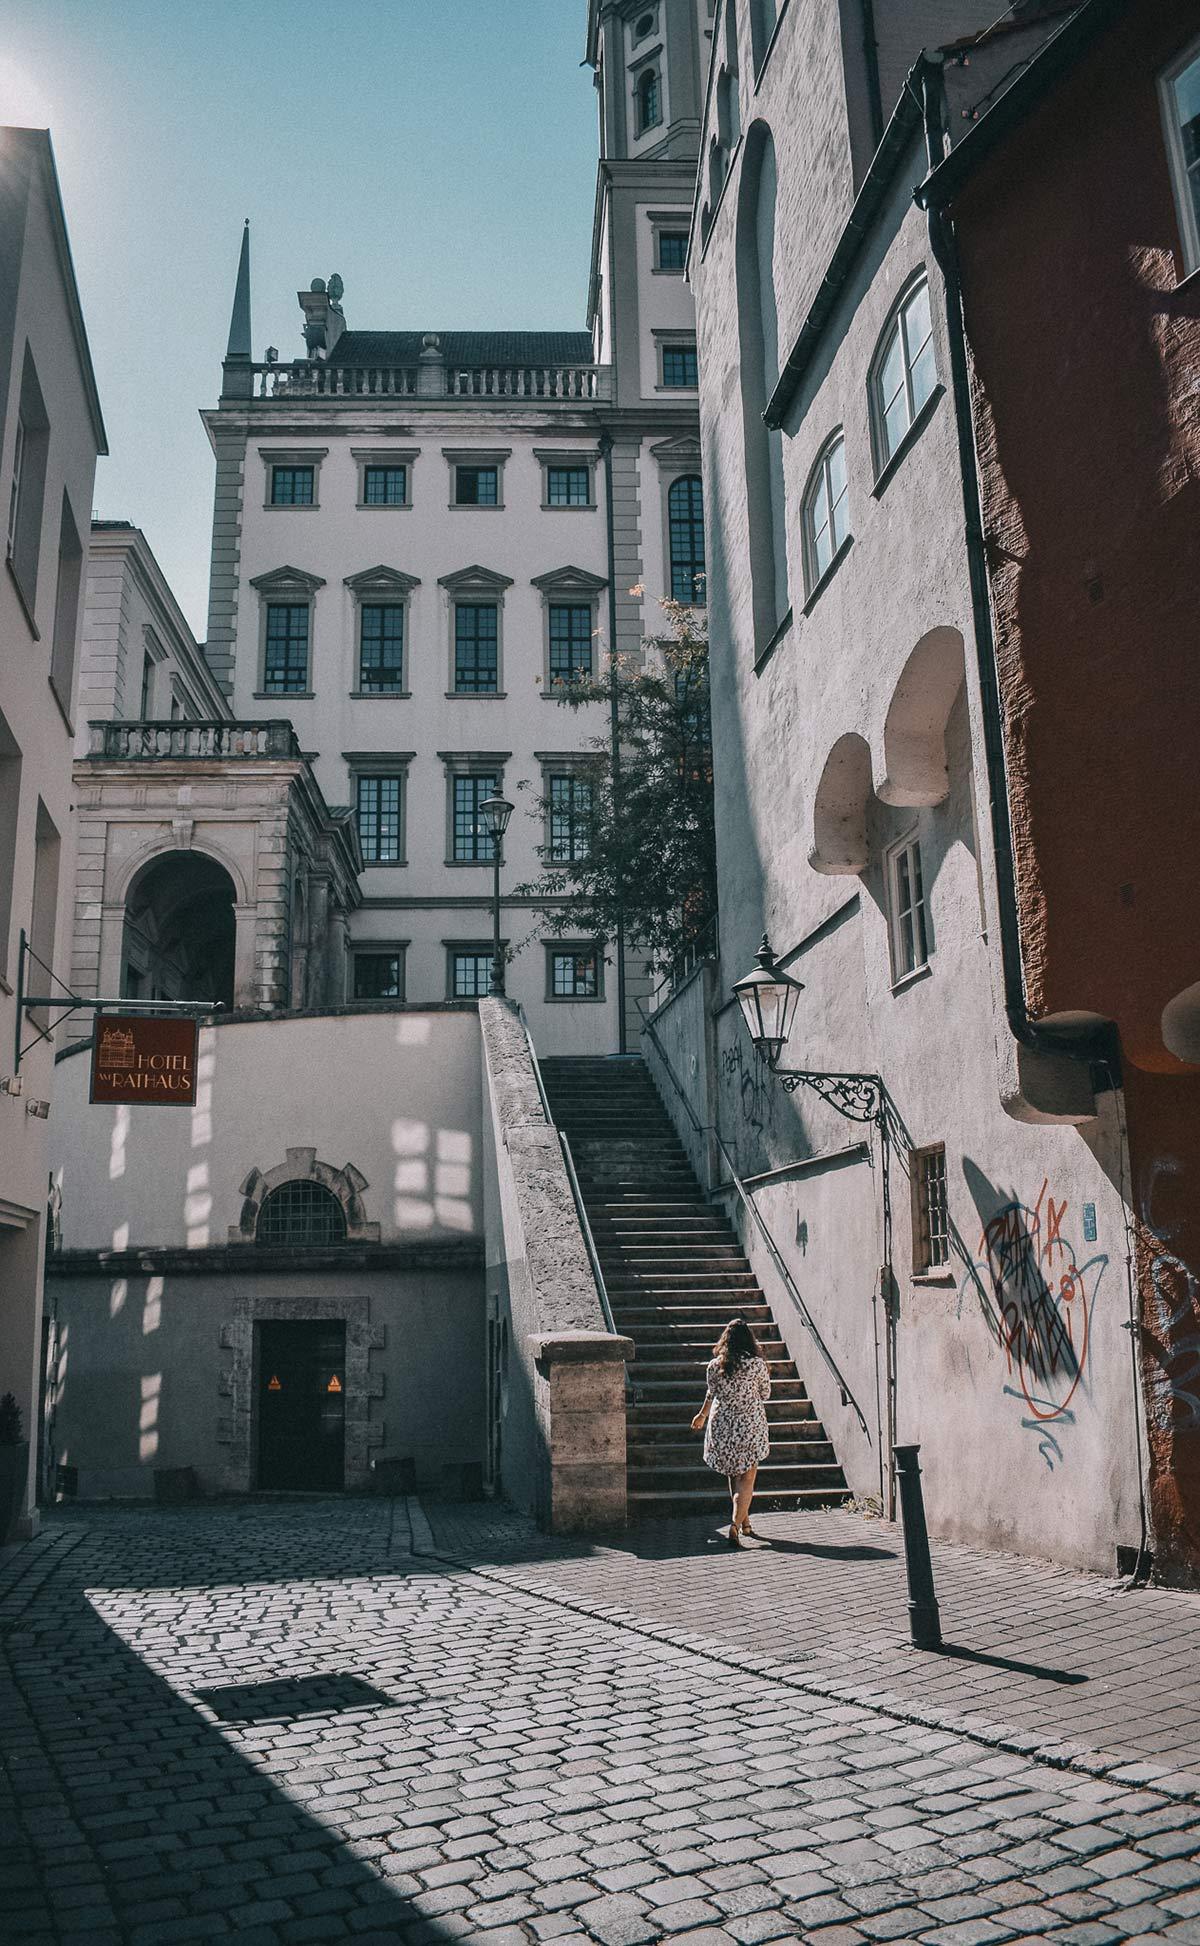 Gassen in Augsburg